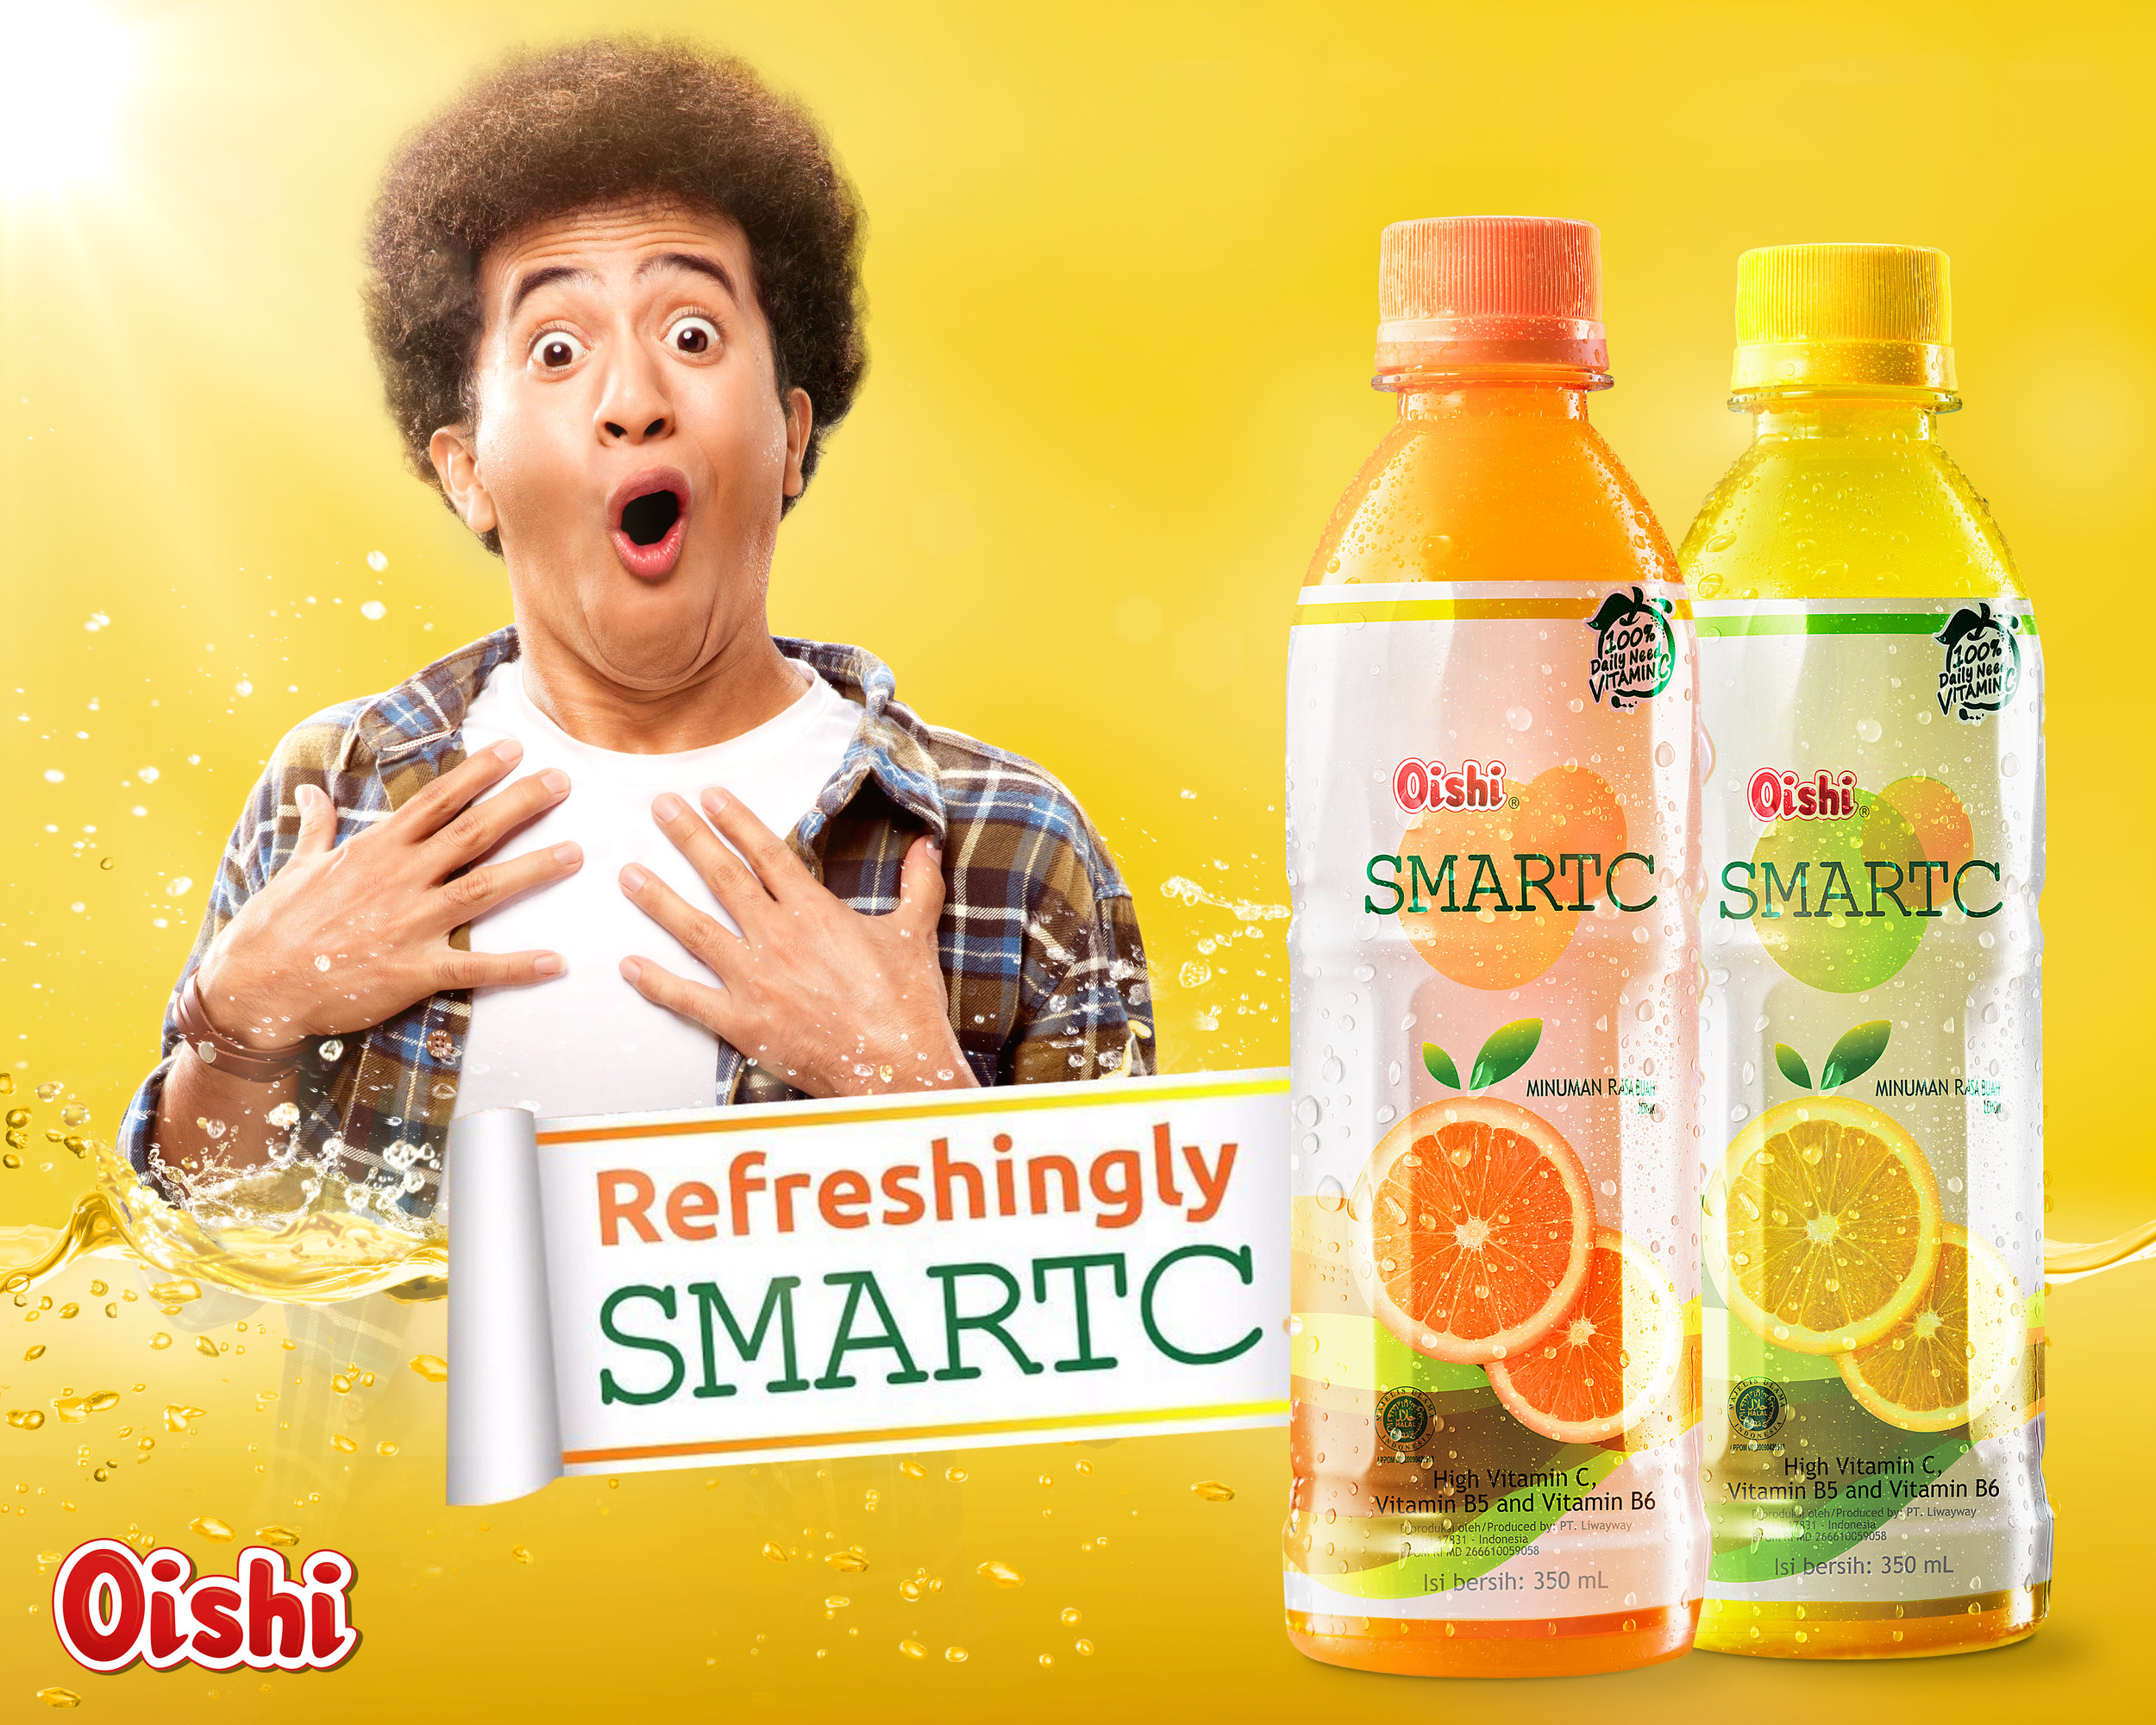 smartC-cowok.jpg